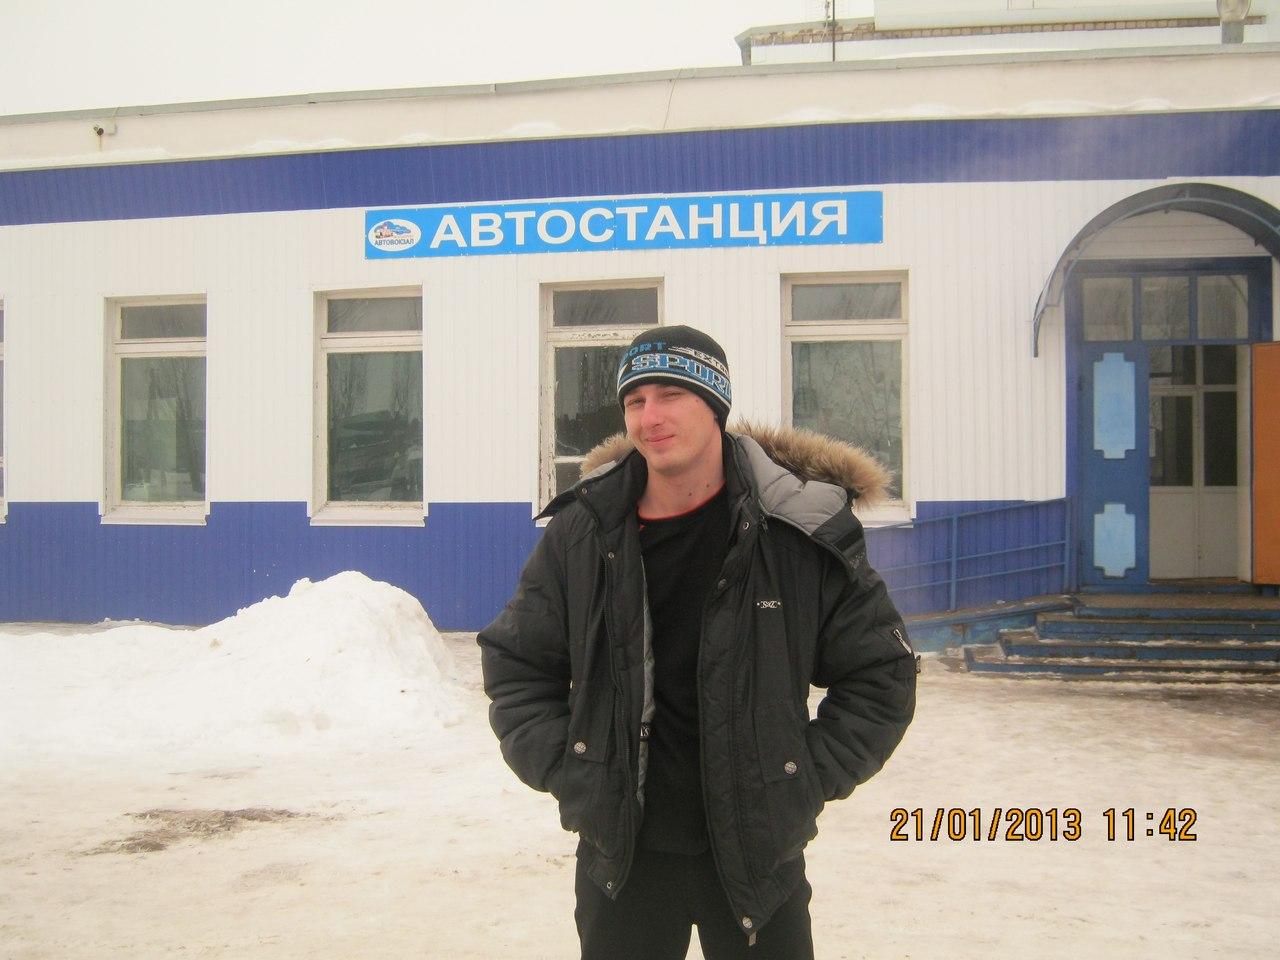 Vovan Симаков, Балаково - фото №3